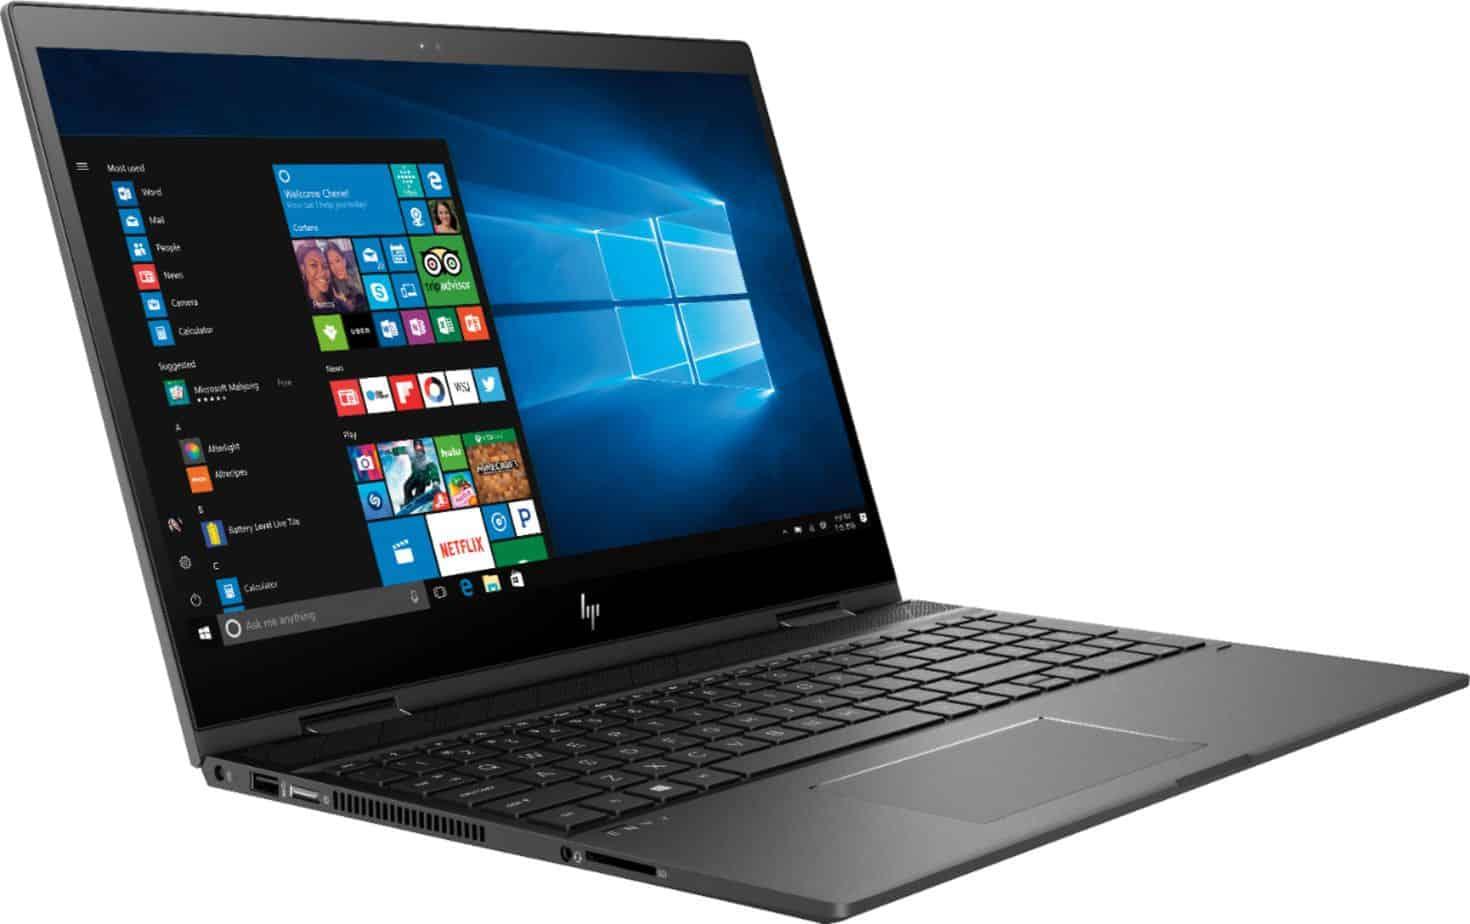 HP Envy x360 Laptop from Best Buy